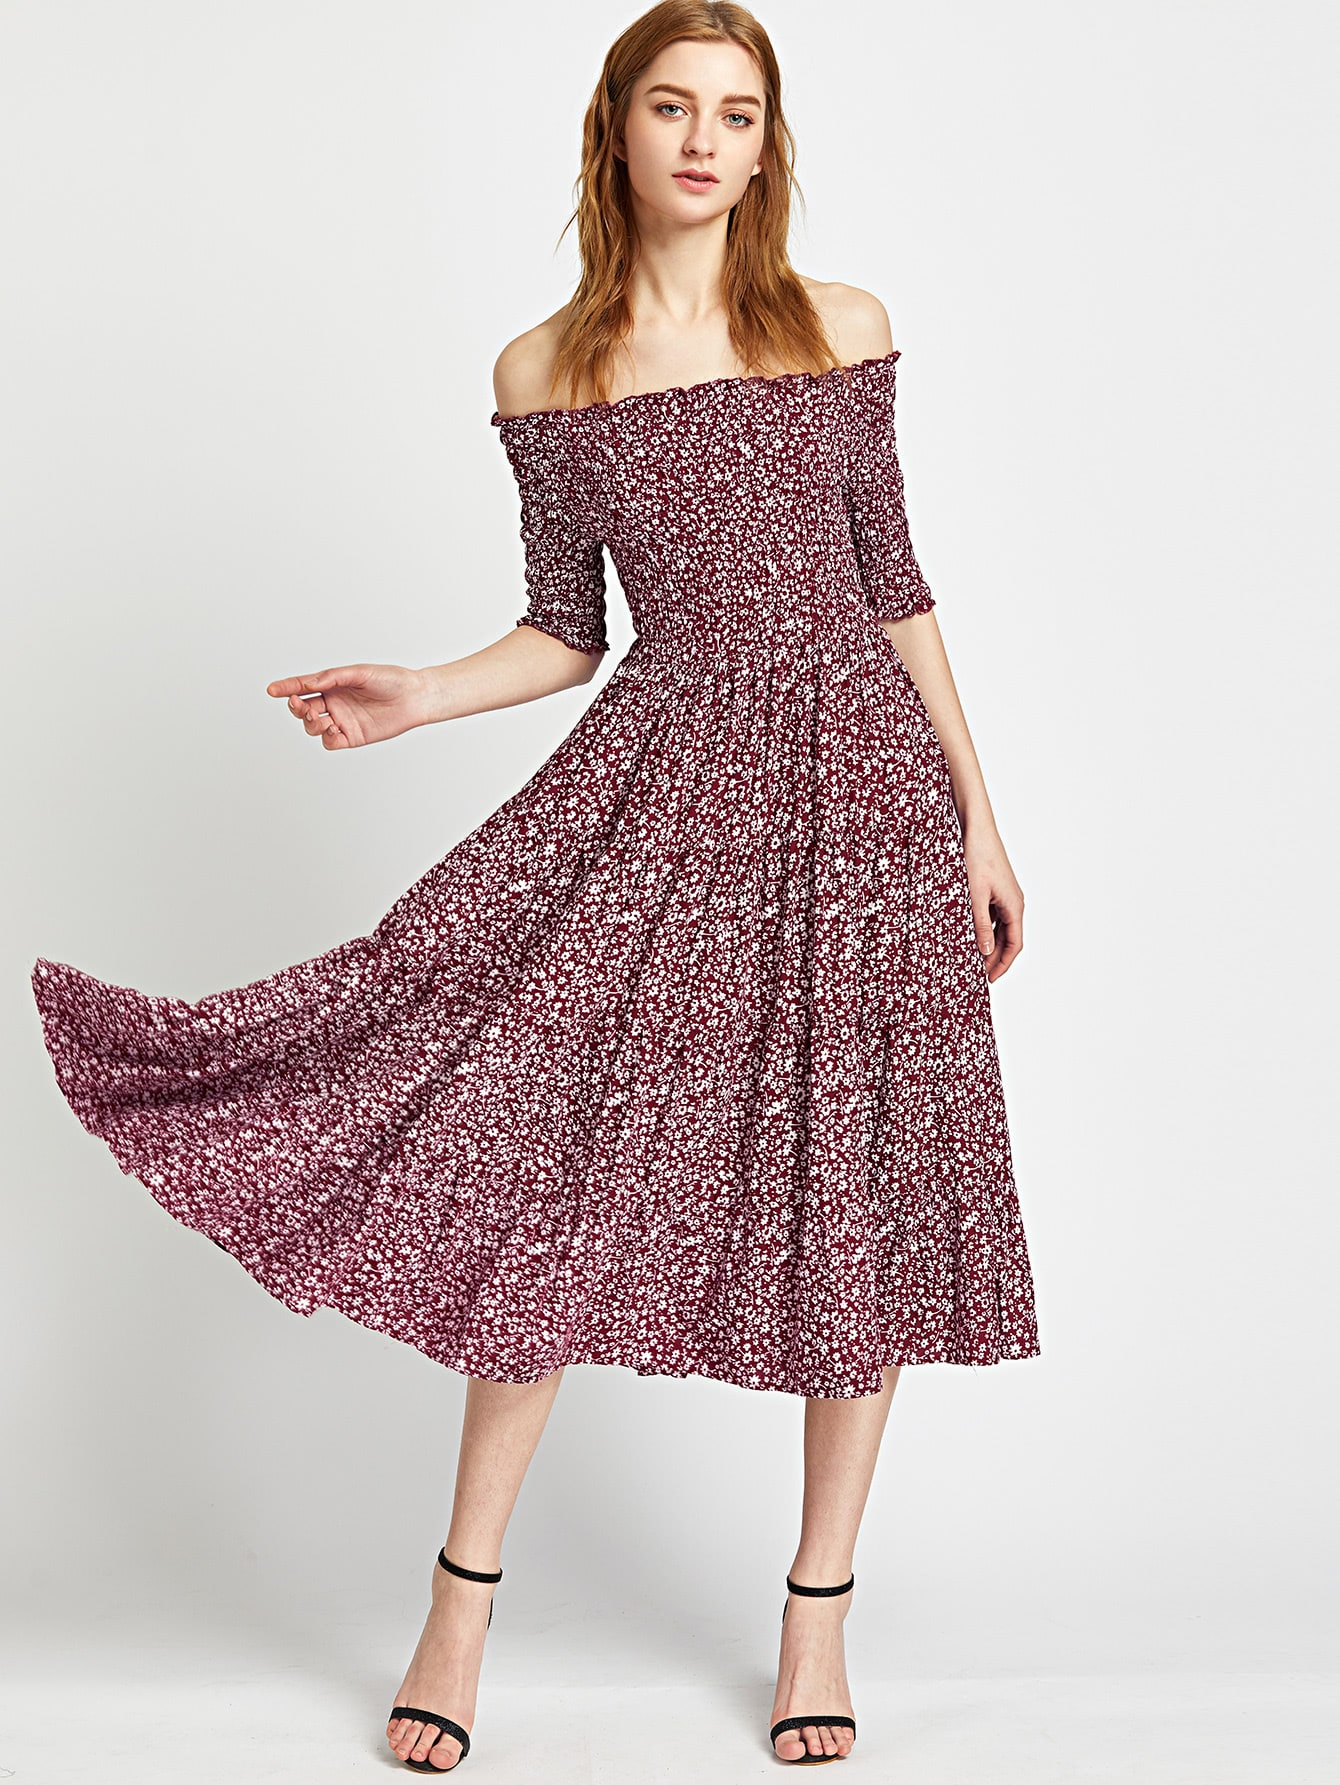 dress170317203_2